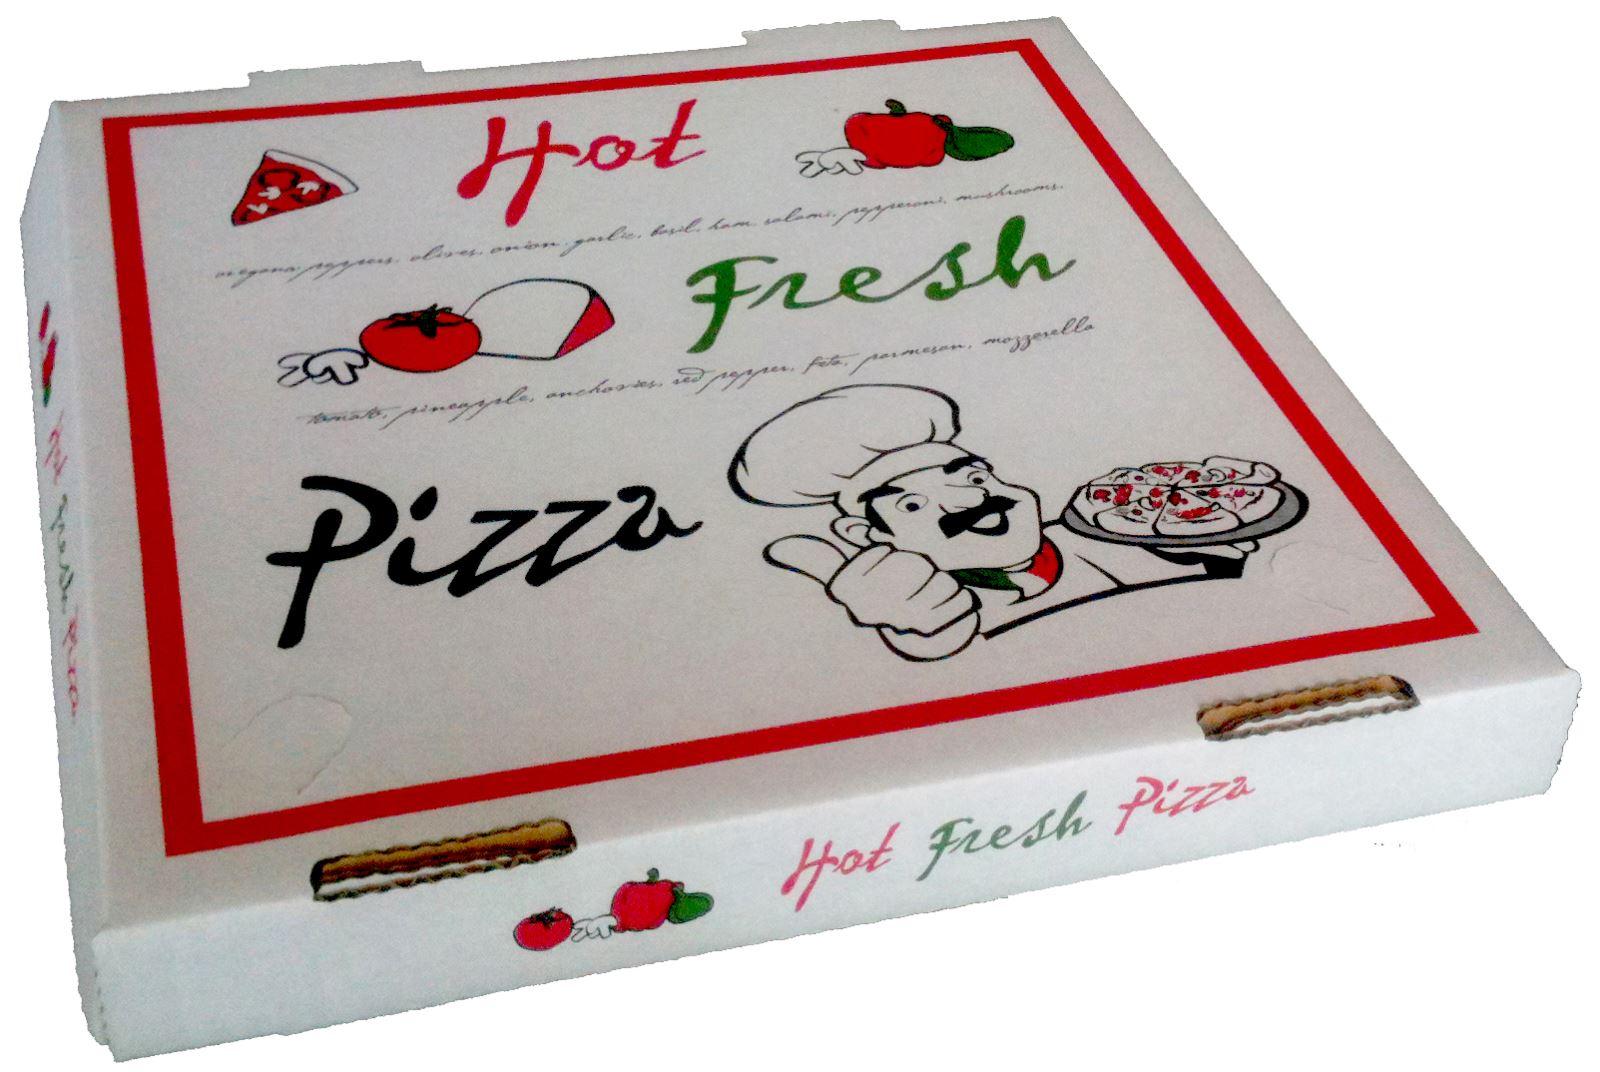 Hộp đựng bánh Pizza chuyên nghiệp gây ấn tượng với khách hàng.